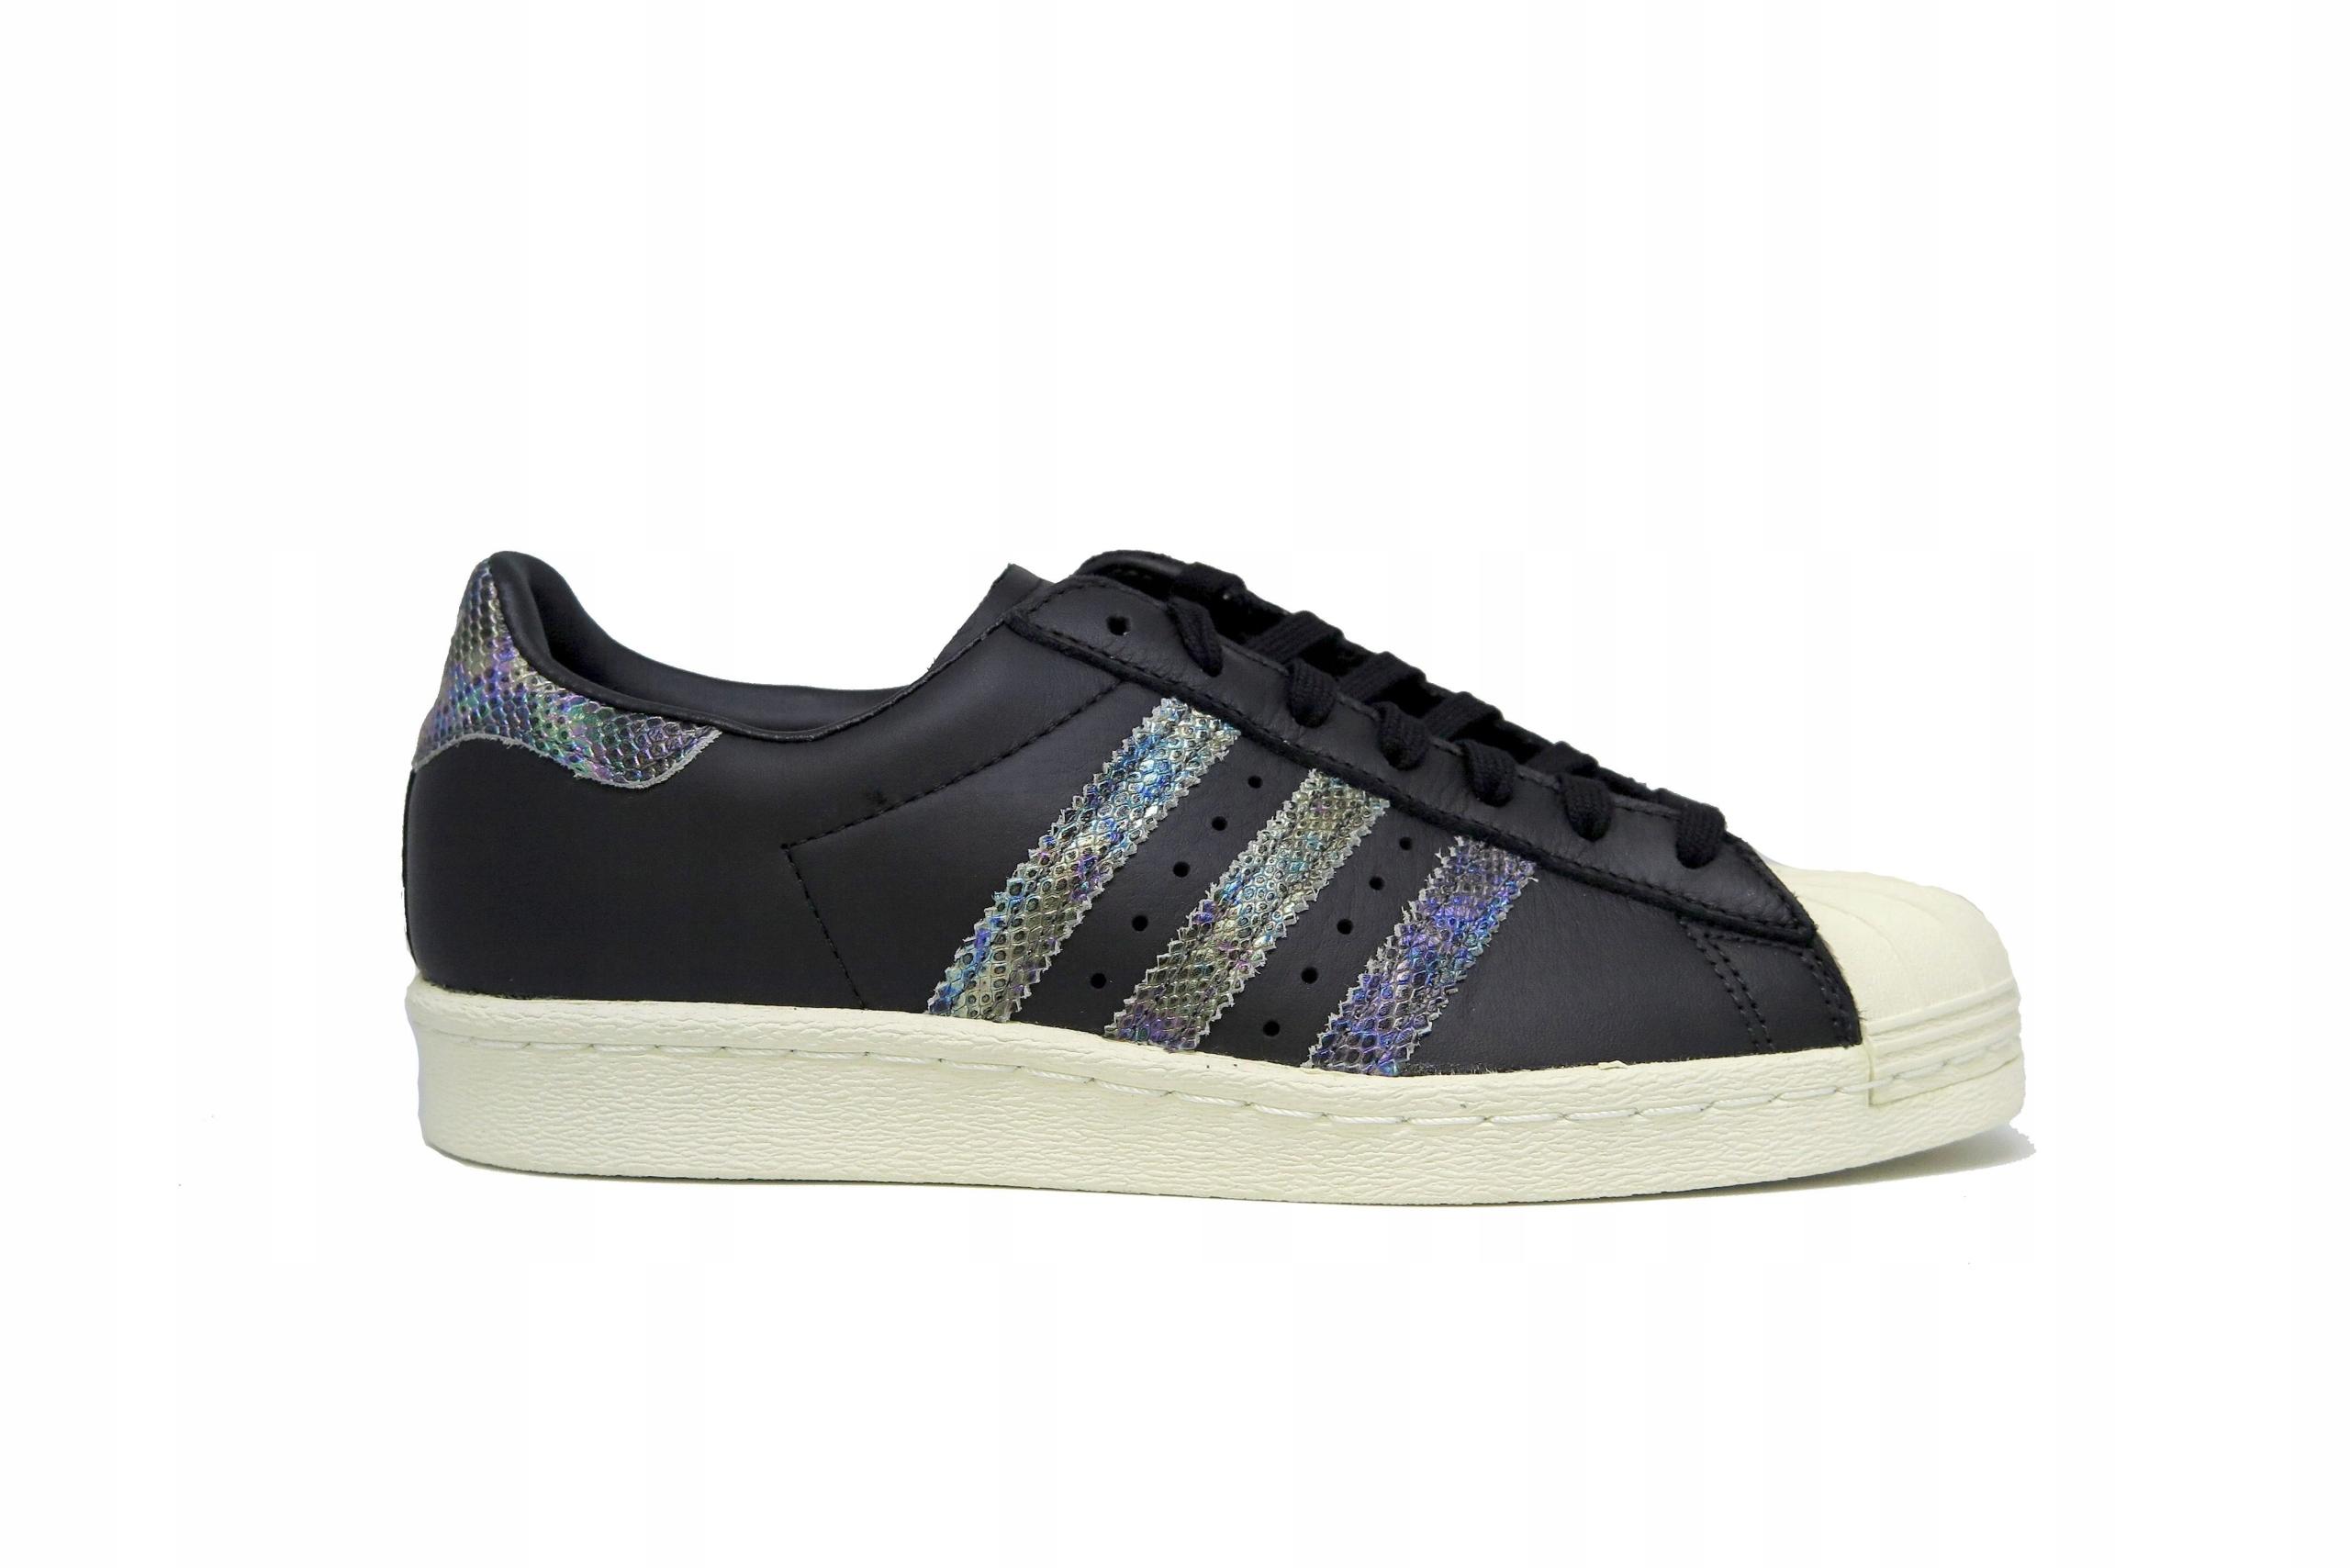 cheaper 5100a f5edc adidas Originals Superstar 80s BZ0147 r 43 1/3 - 7495180506 ...